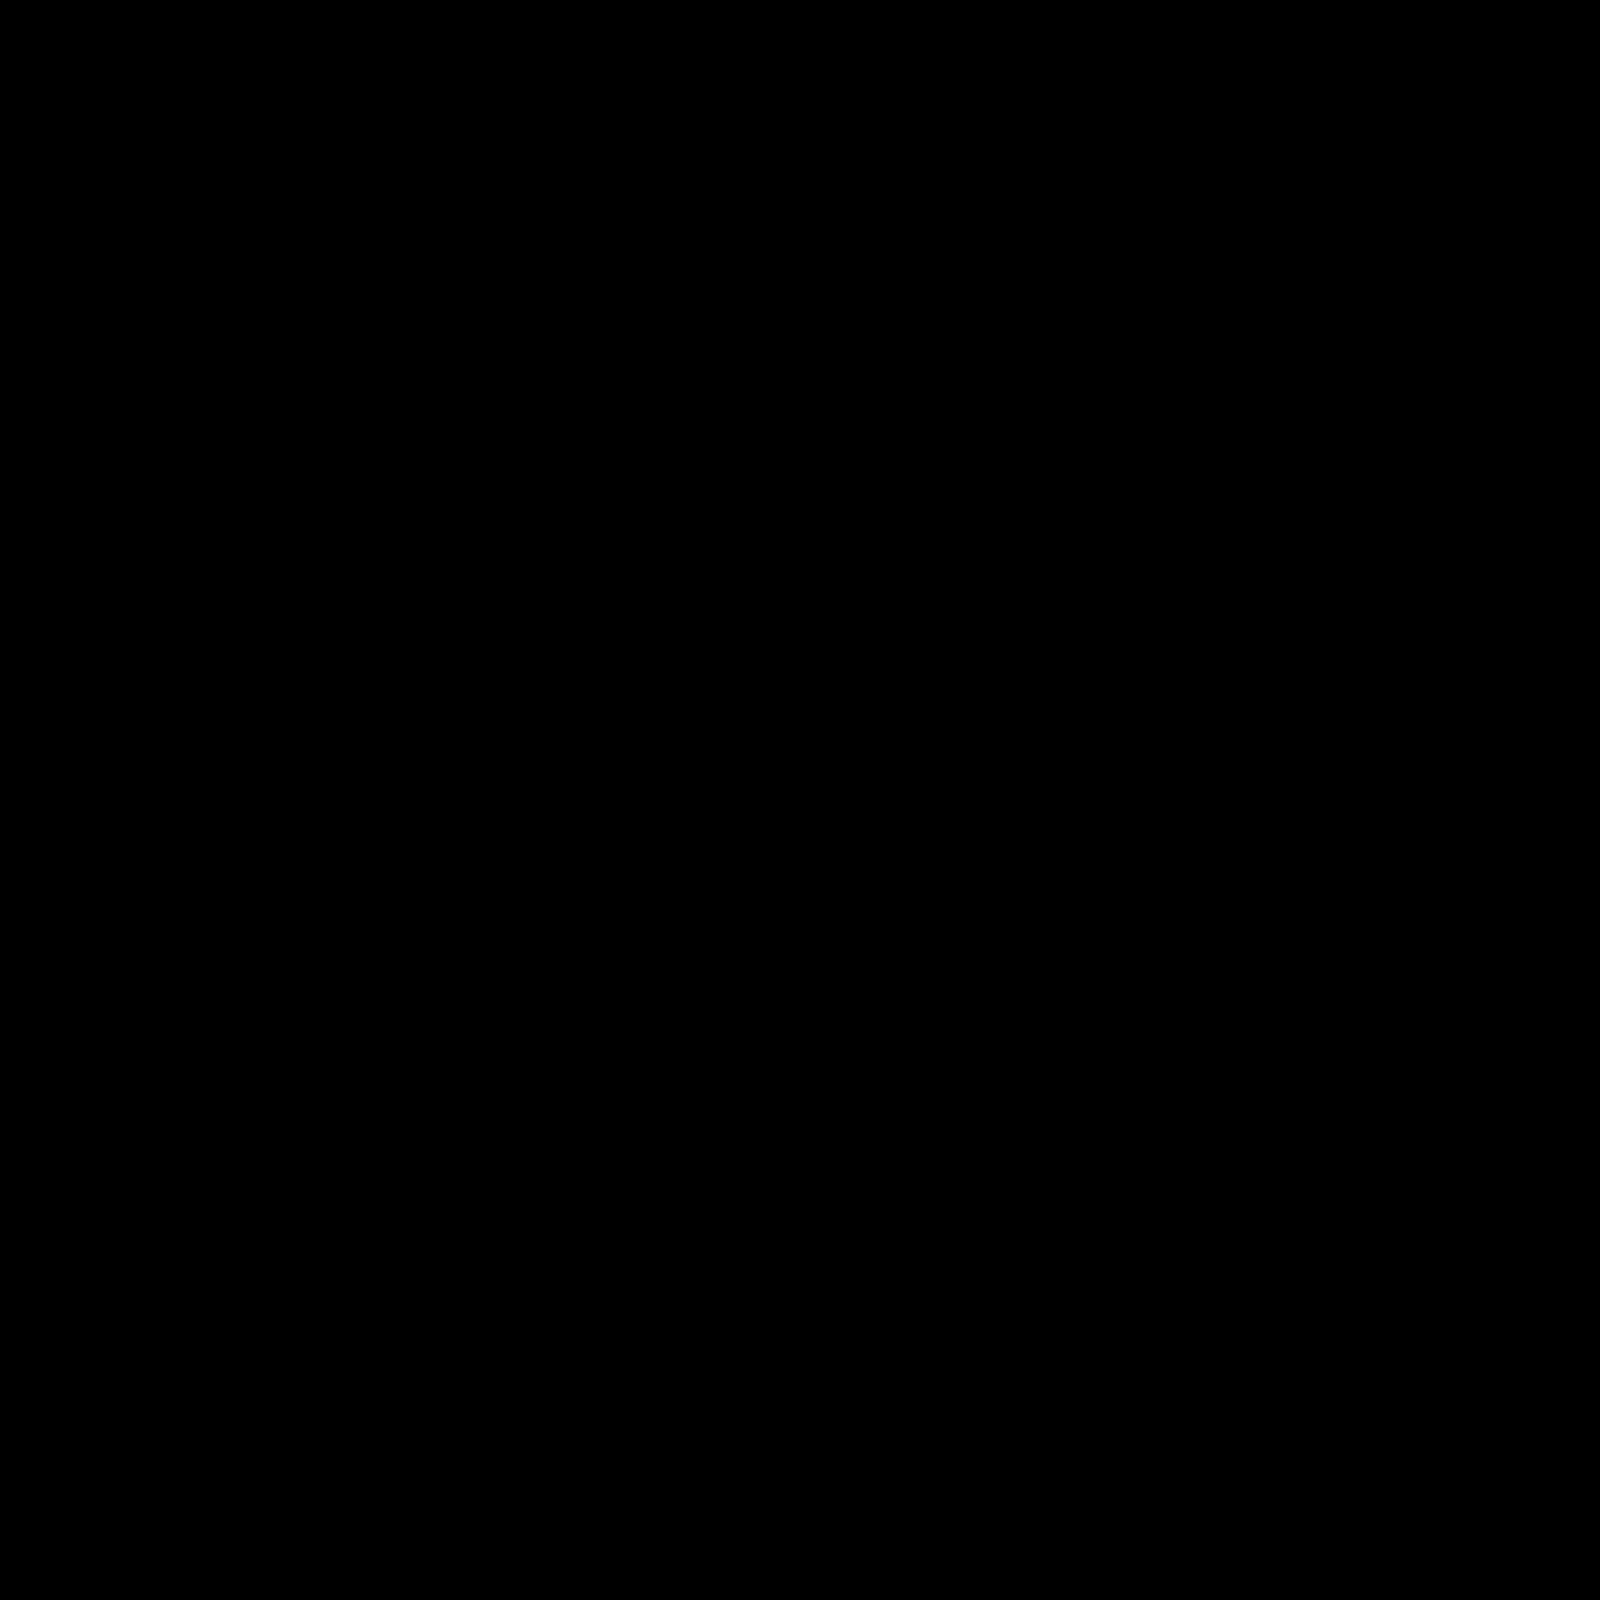 两指向左滑动 icon. There are two matching symbols, one atop the other. They both have left arrows which are then attached to circles. The symbols are placed vertically, the top figure is placed a little behind the bottom.